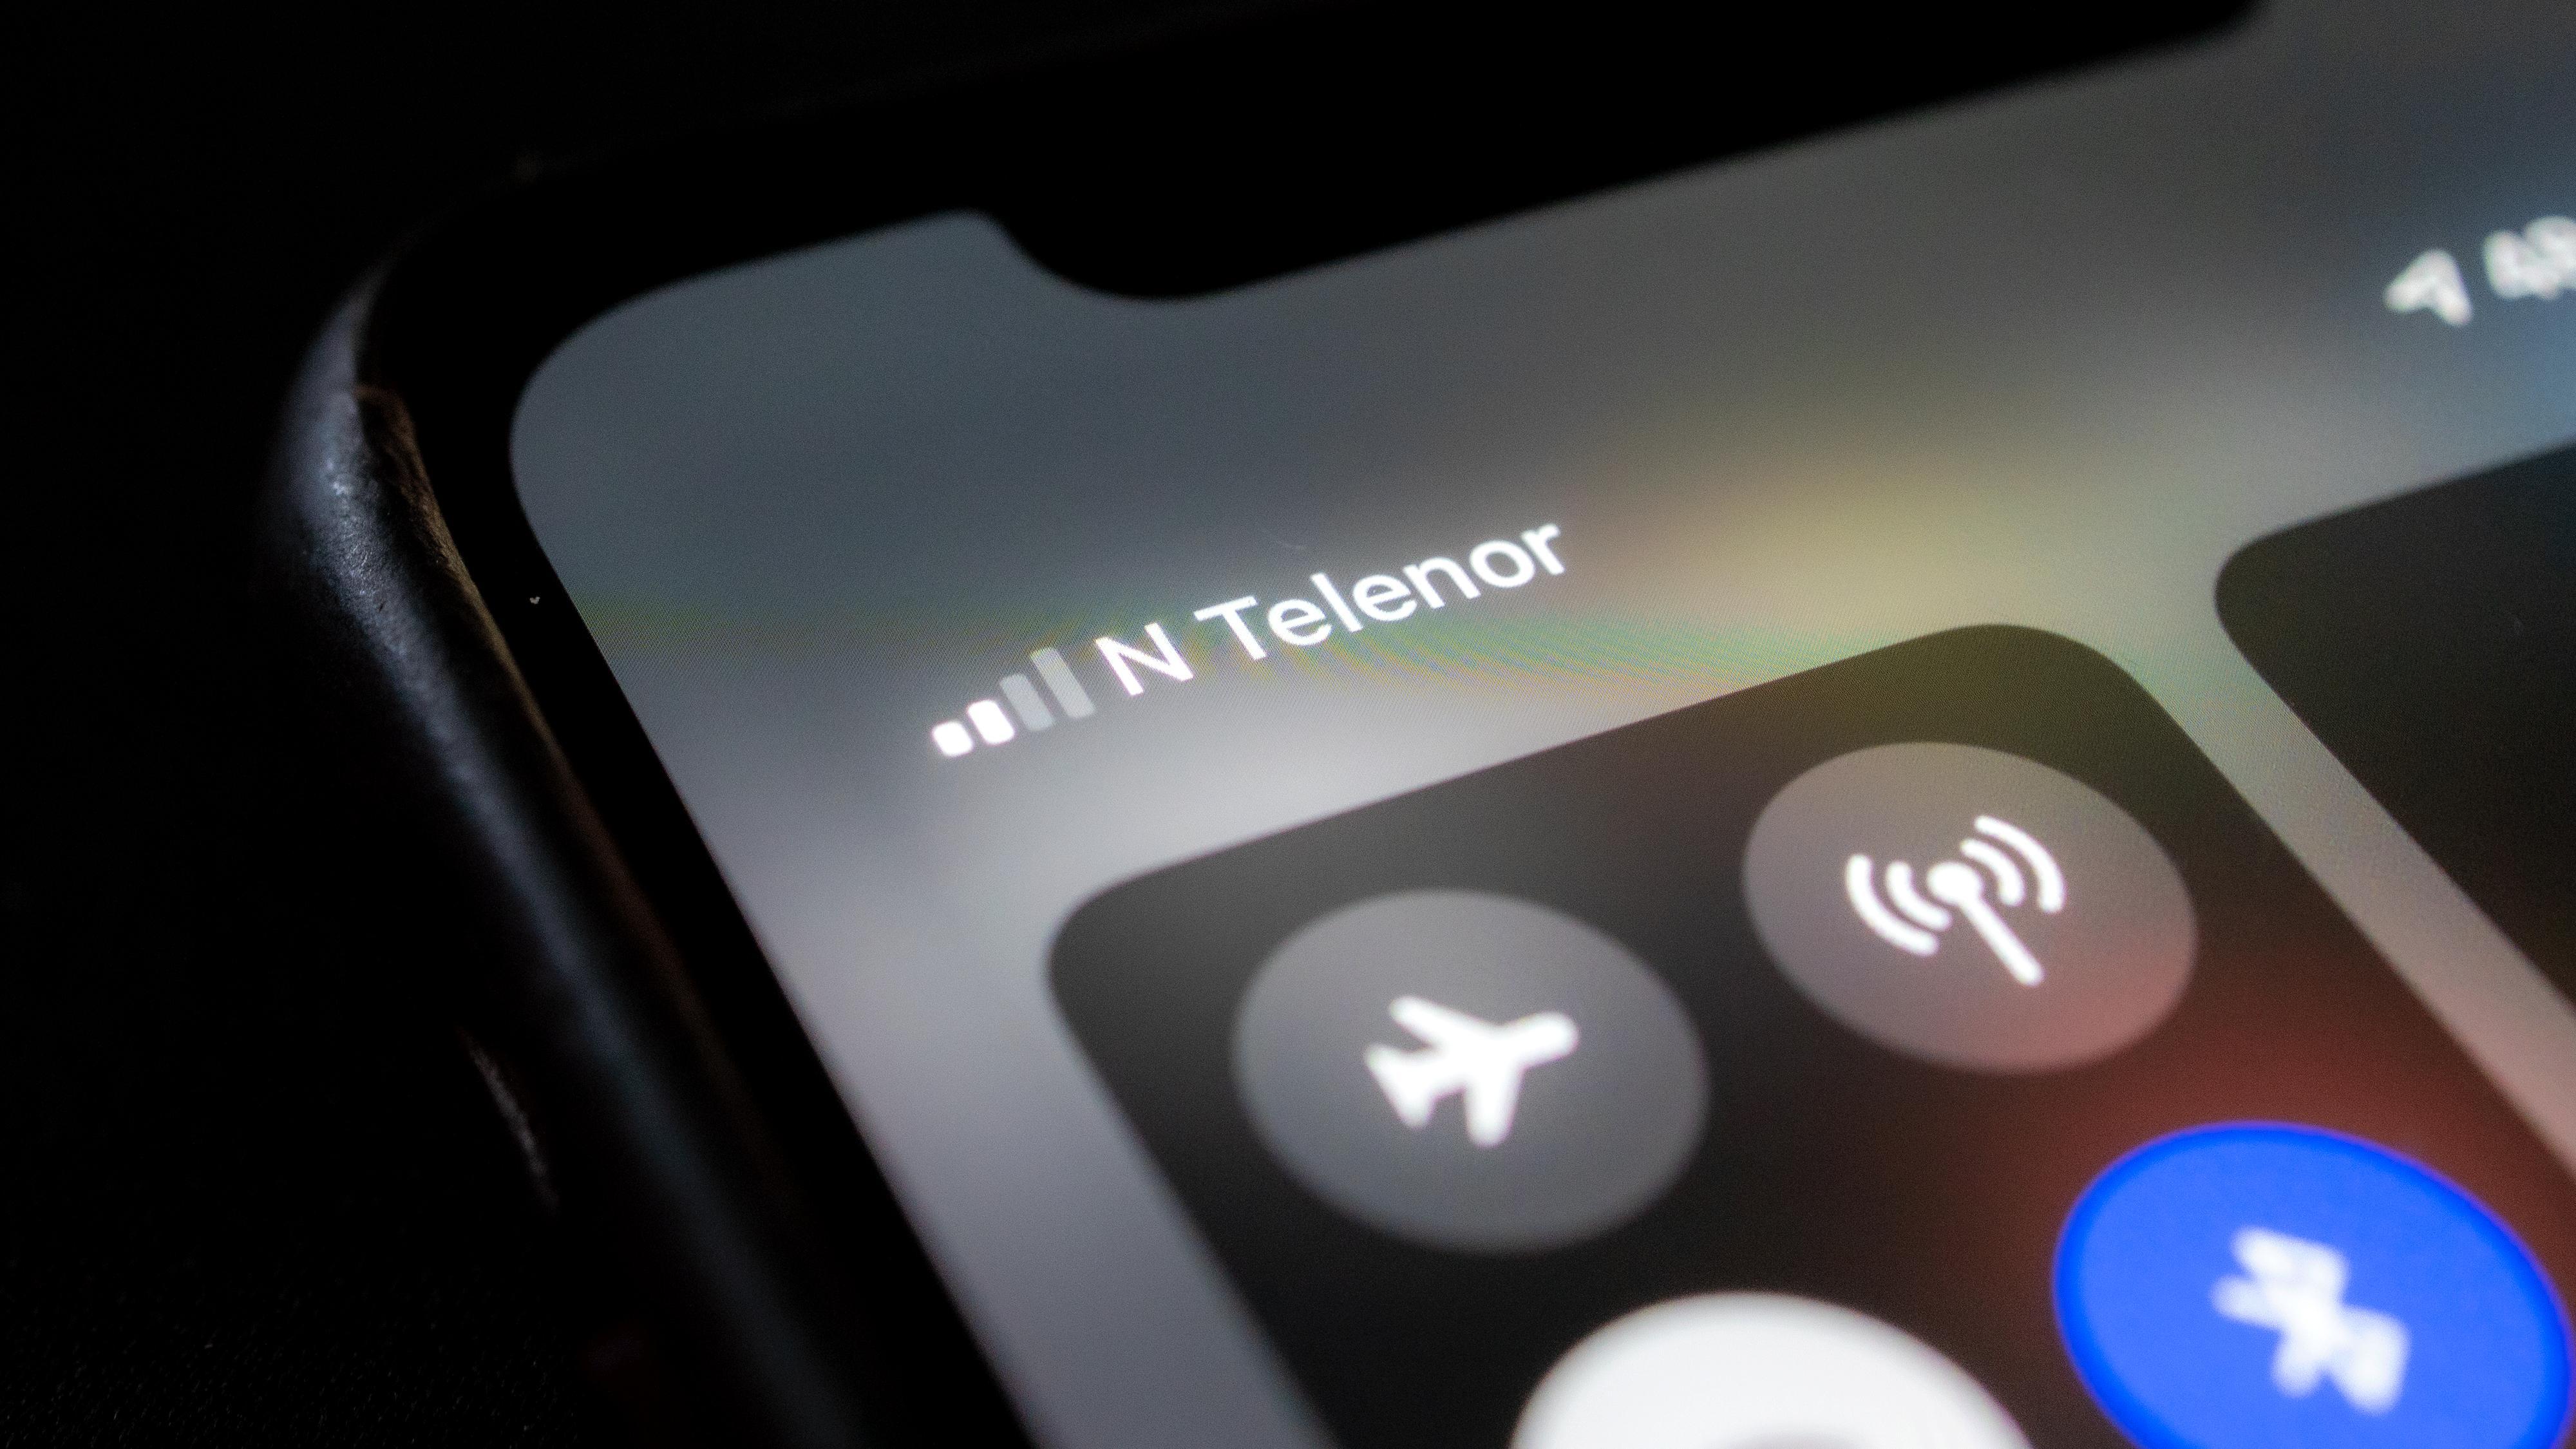 Midt i corona-krisen slukkes 3G-nettet: – Viktigere enn noen gang, sier Telenor